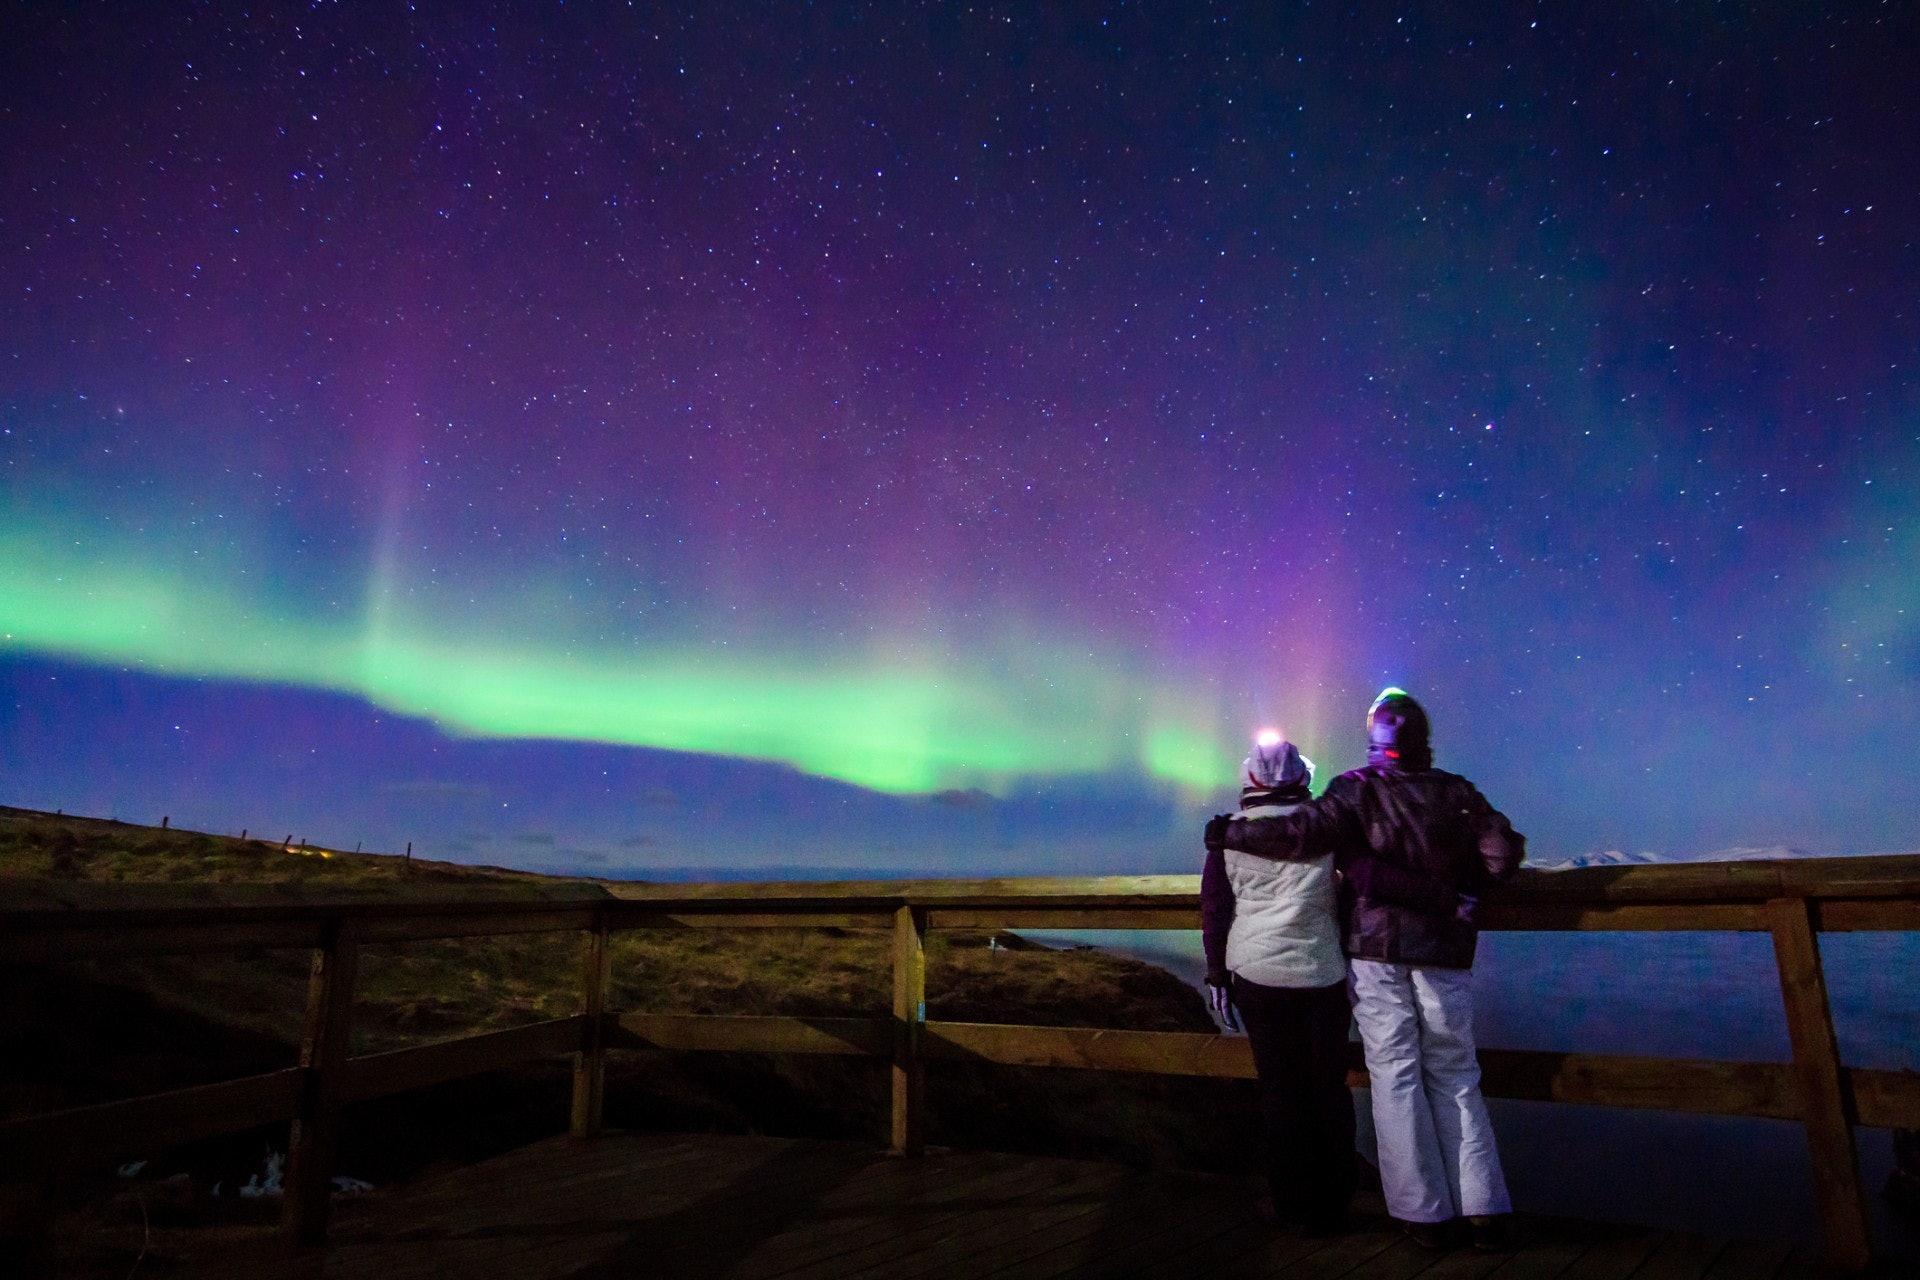 極光是極地氣候圈的一種特殊大氣發光現象。(Gettyimages/視覺中國)